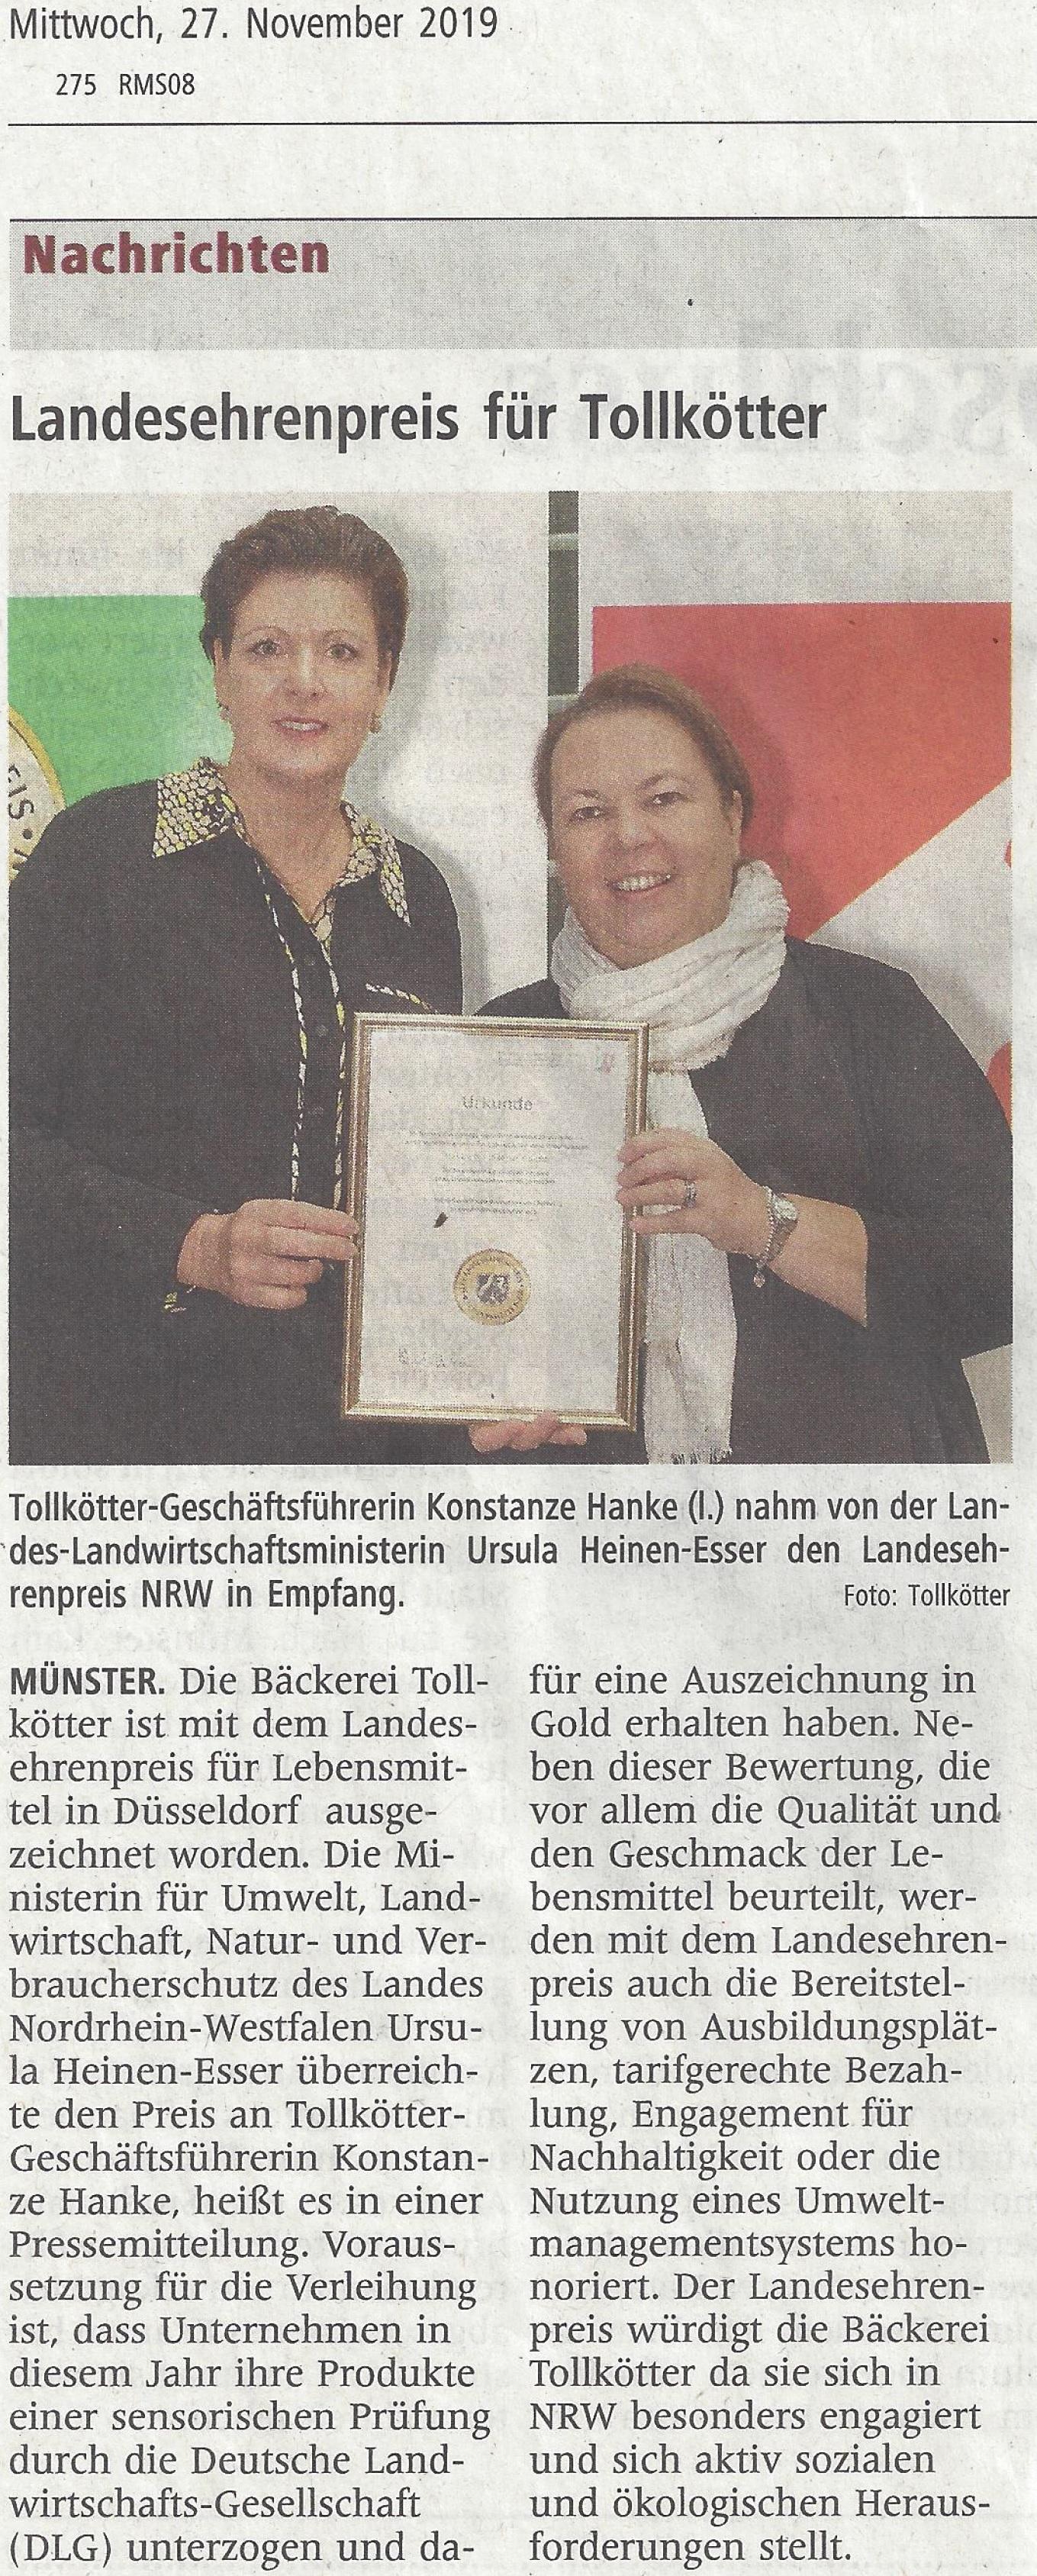 Landesehrenpreis NRW 2019 WN am 27.11.2019